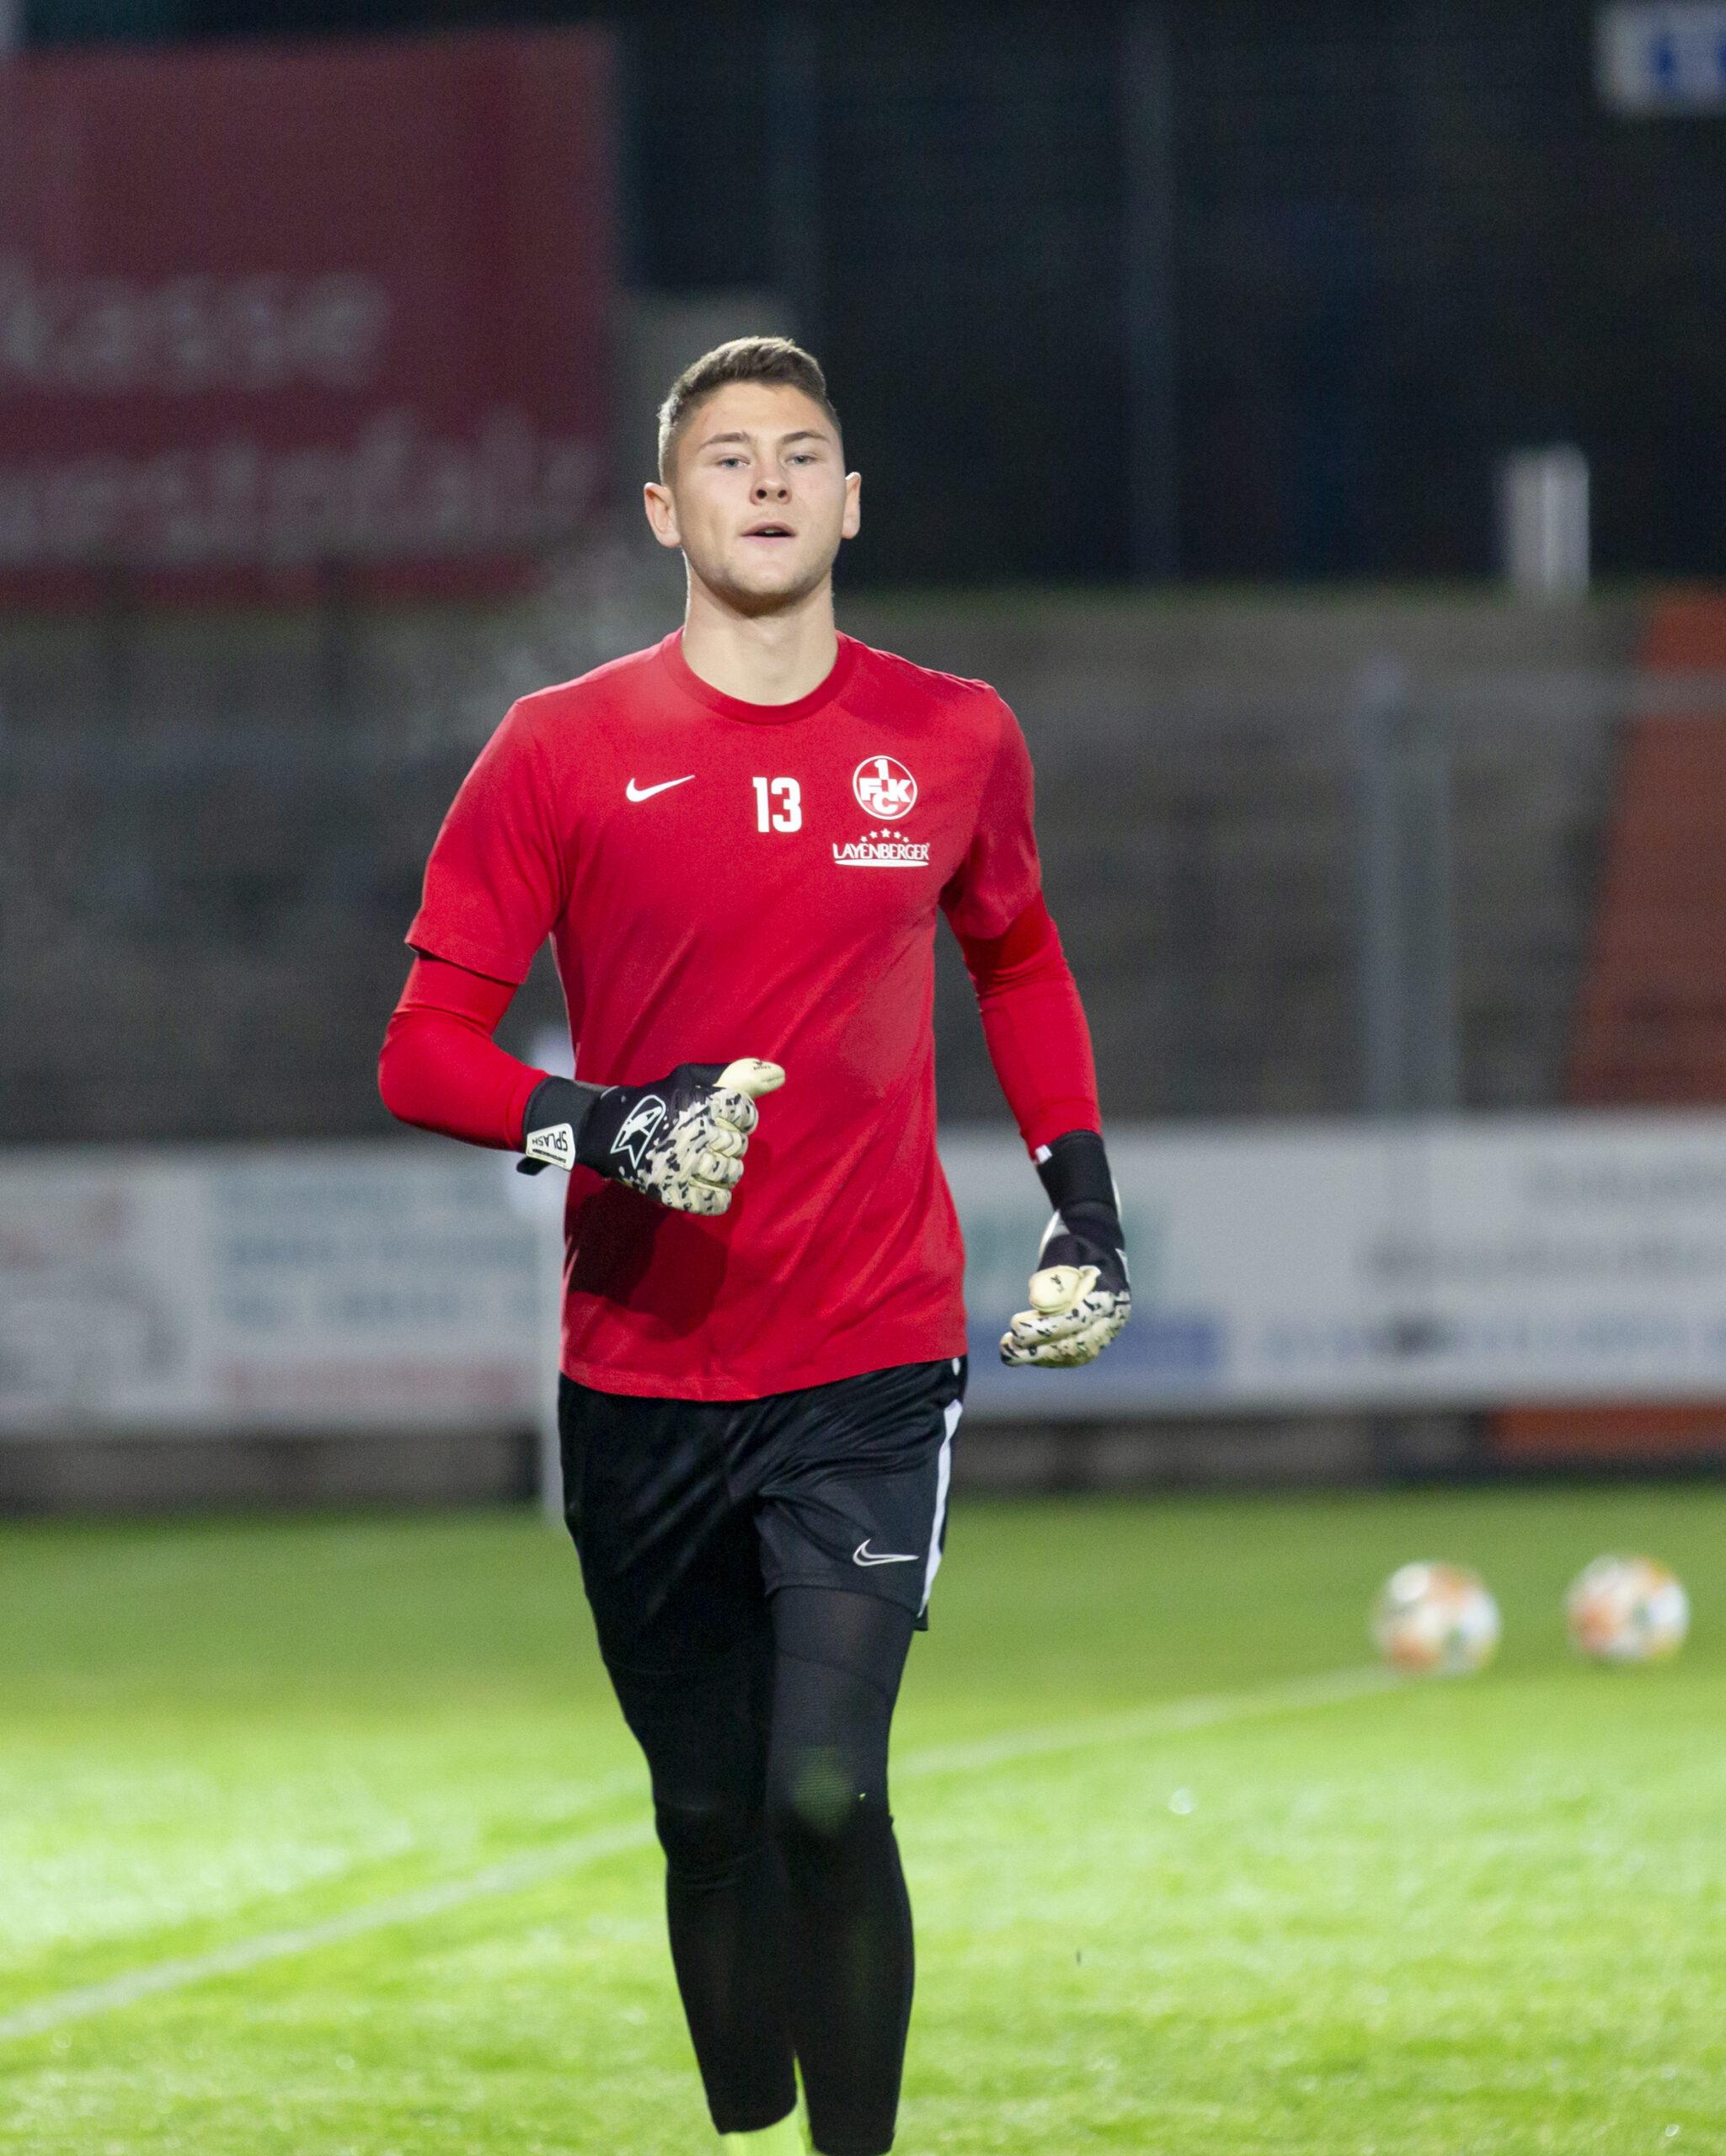 Jonas Weyand unterzeichnet Profivertrag beim FCK